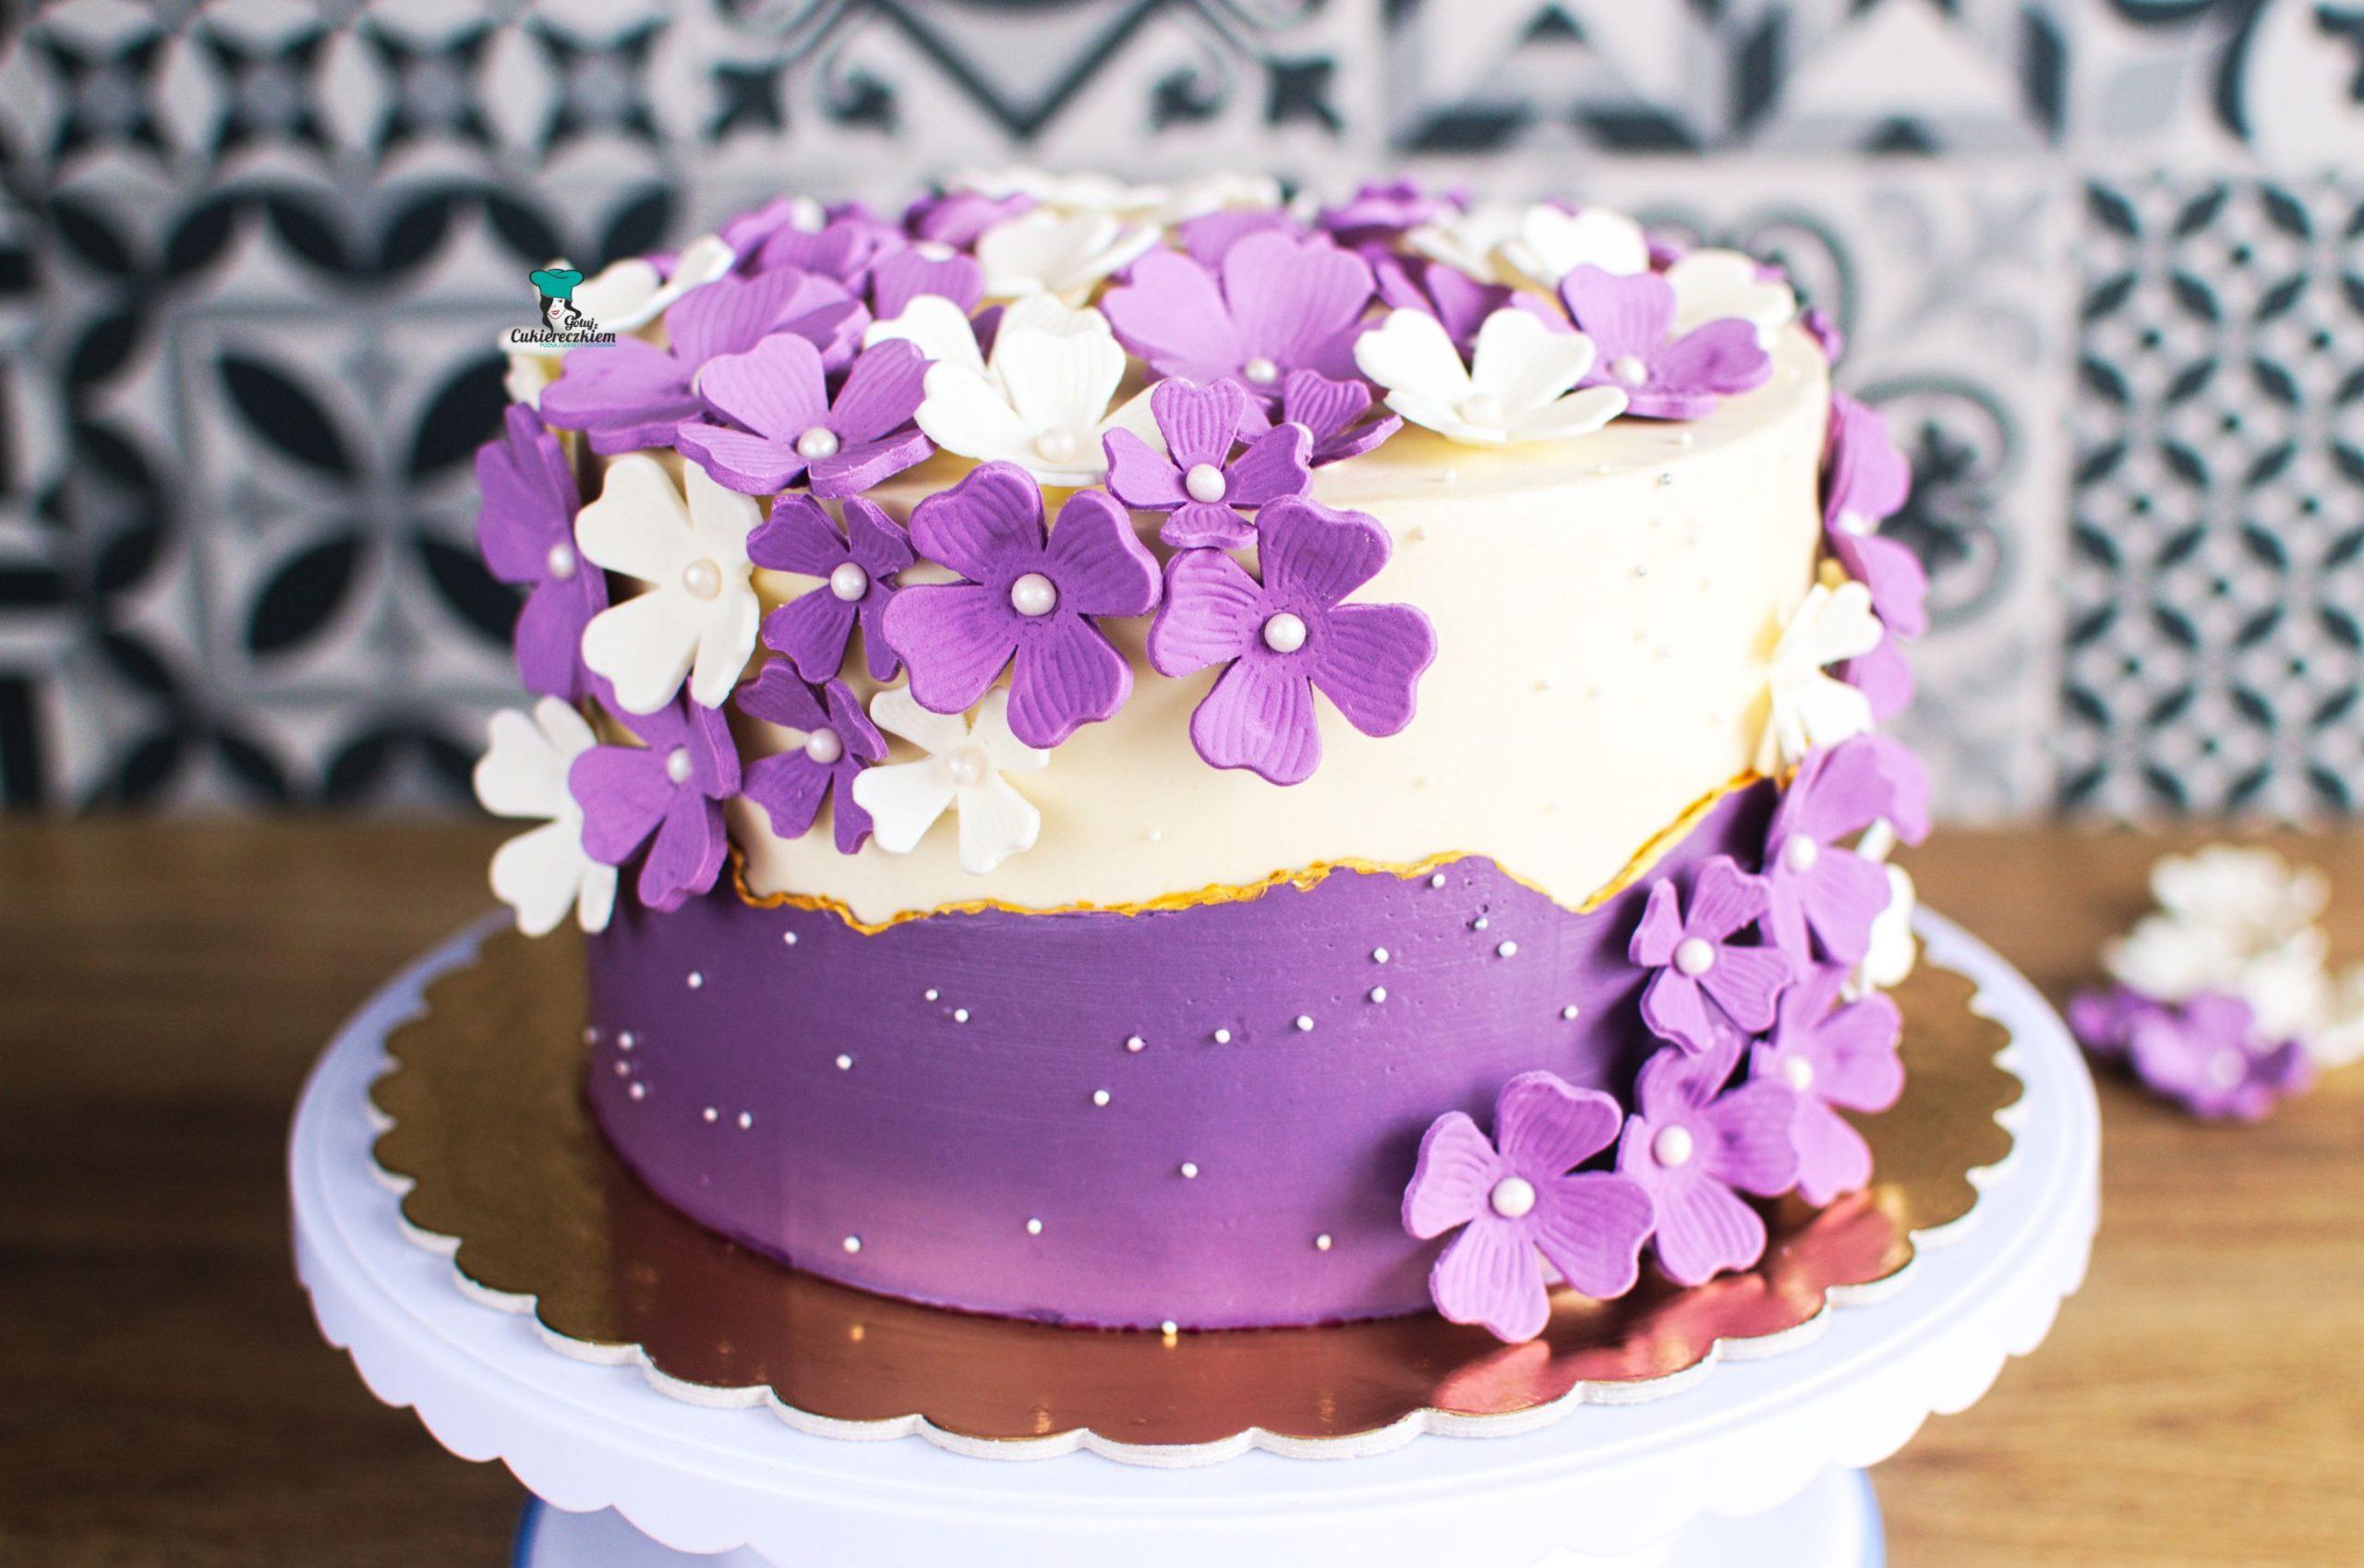 Tort w cukrowe kwiaty